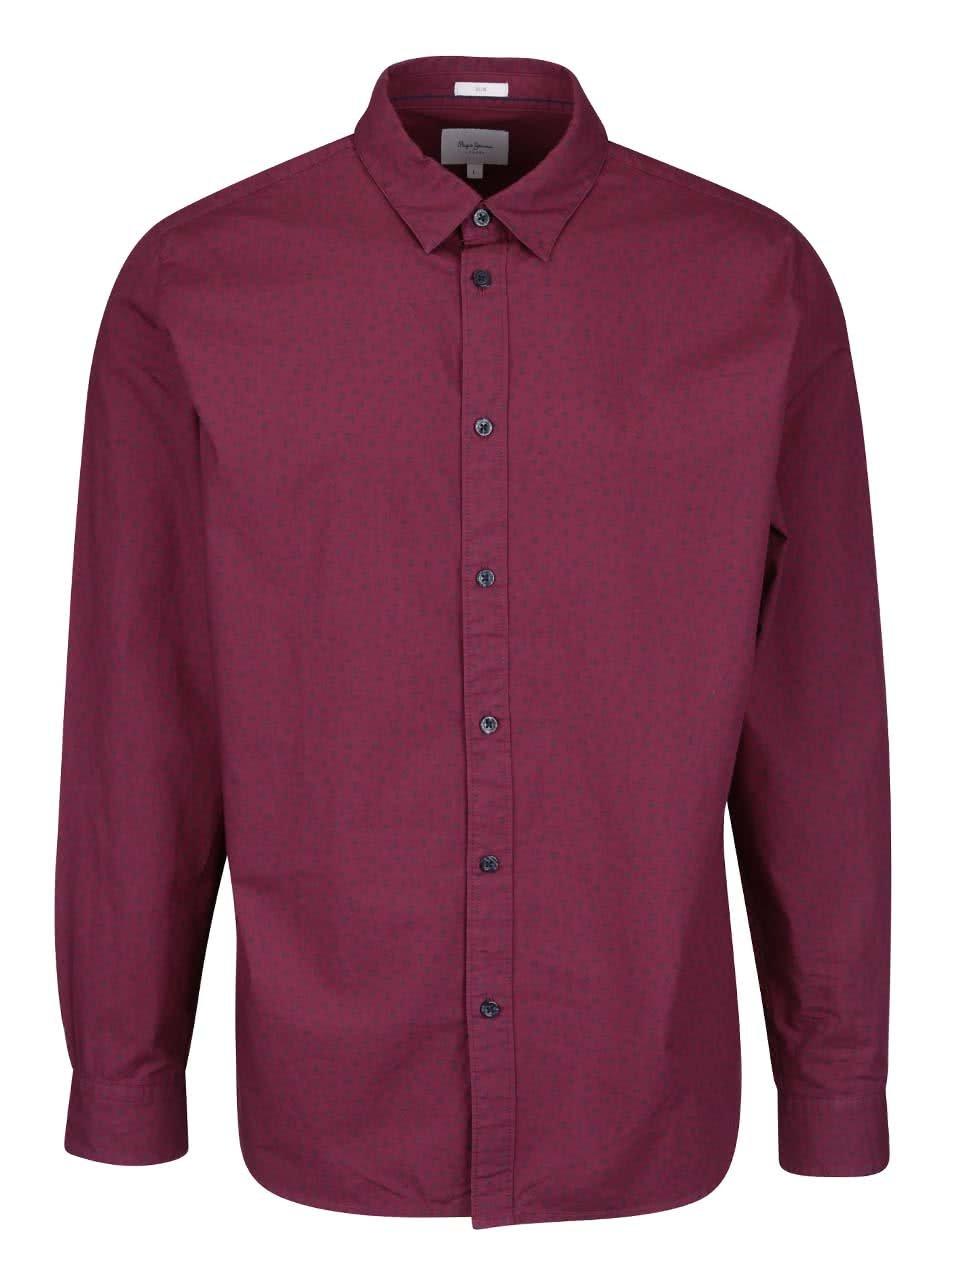 c29ffc83b69 Vínová pánská slim fit košile se vzorem Pepe Jeans Calengon ...